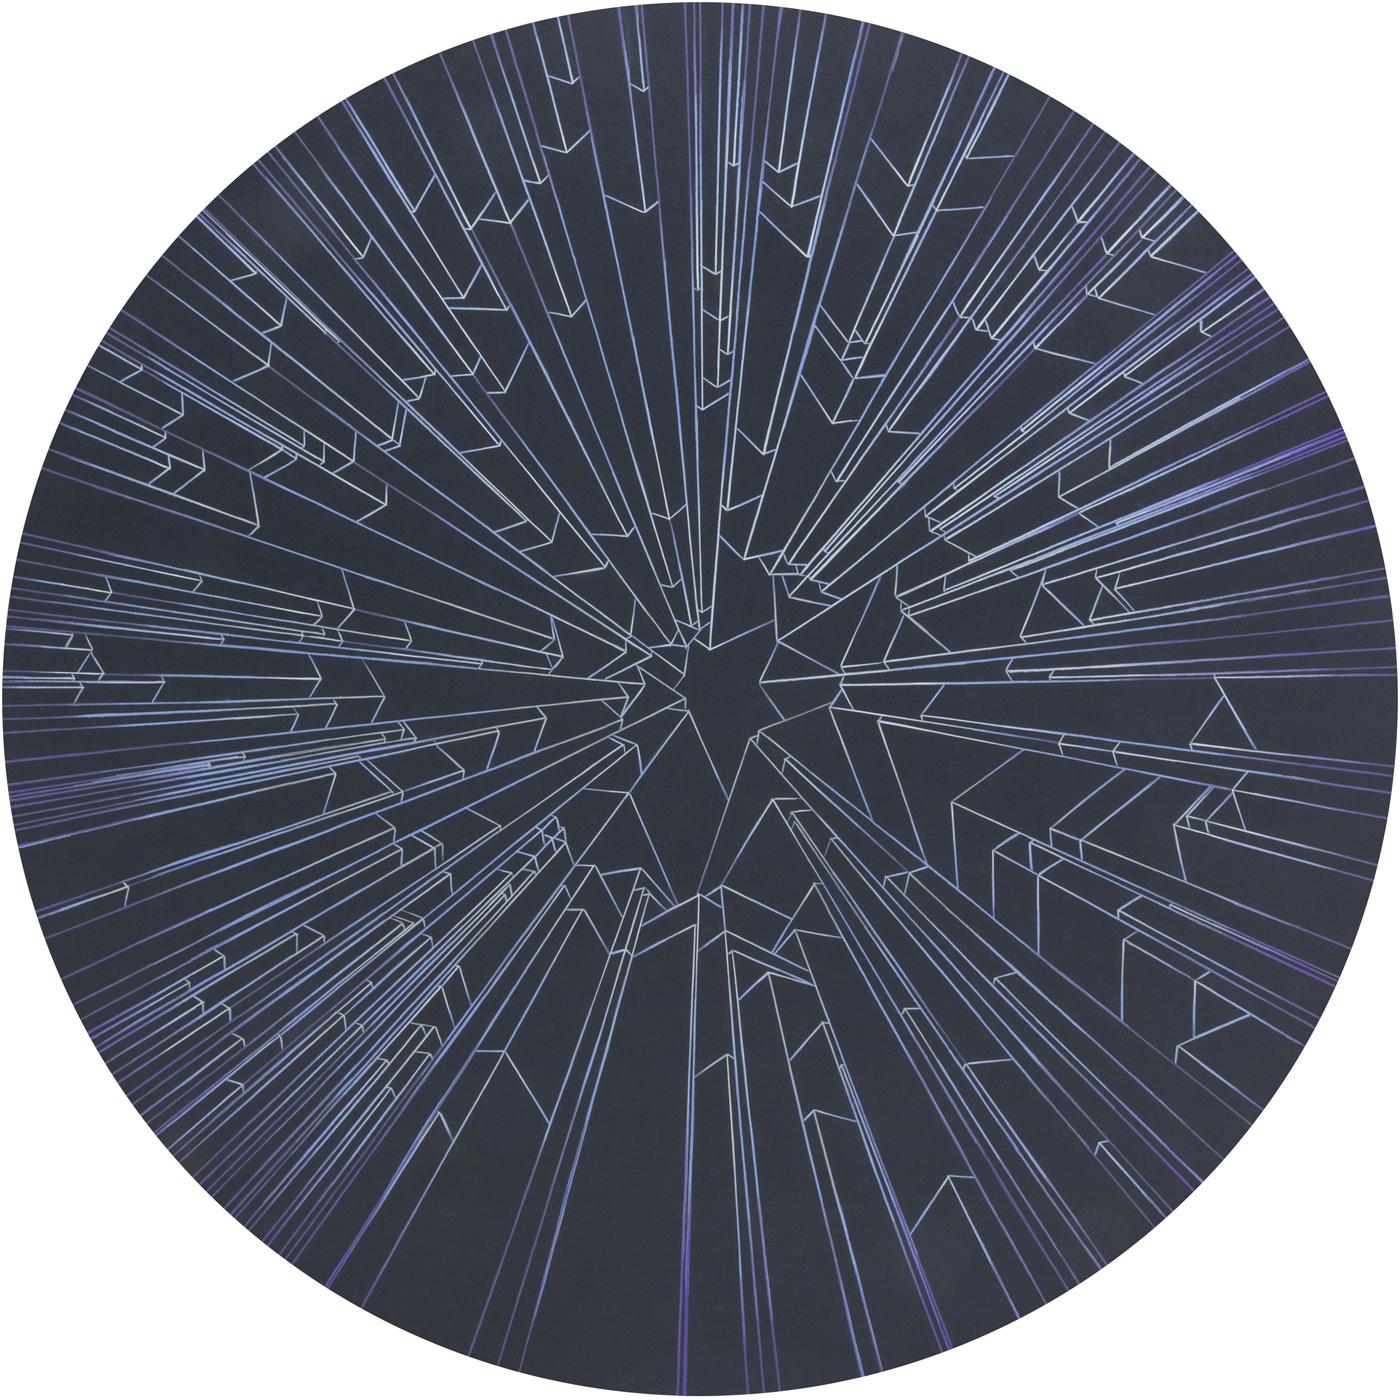 """Caroline Cloutier,  Architectures Célestes – Solstice Hiver,  2015, crayon à l'huile sur carton 4 plis, 102 x 102 cm (40"""" x 40"""")"""